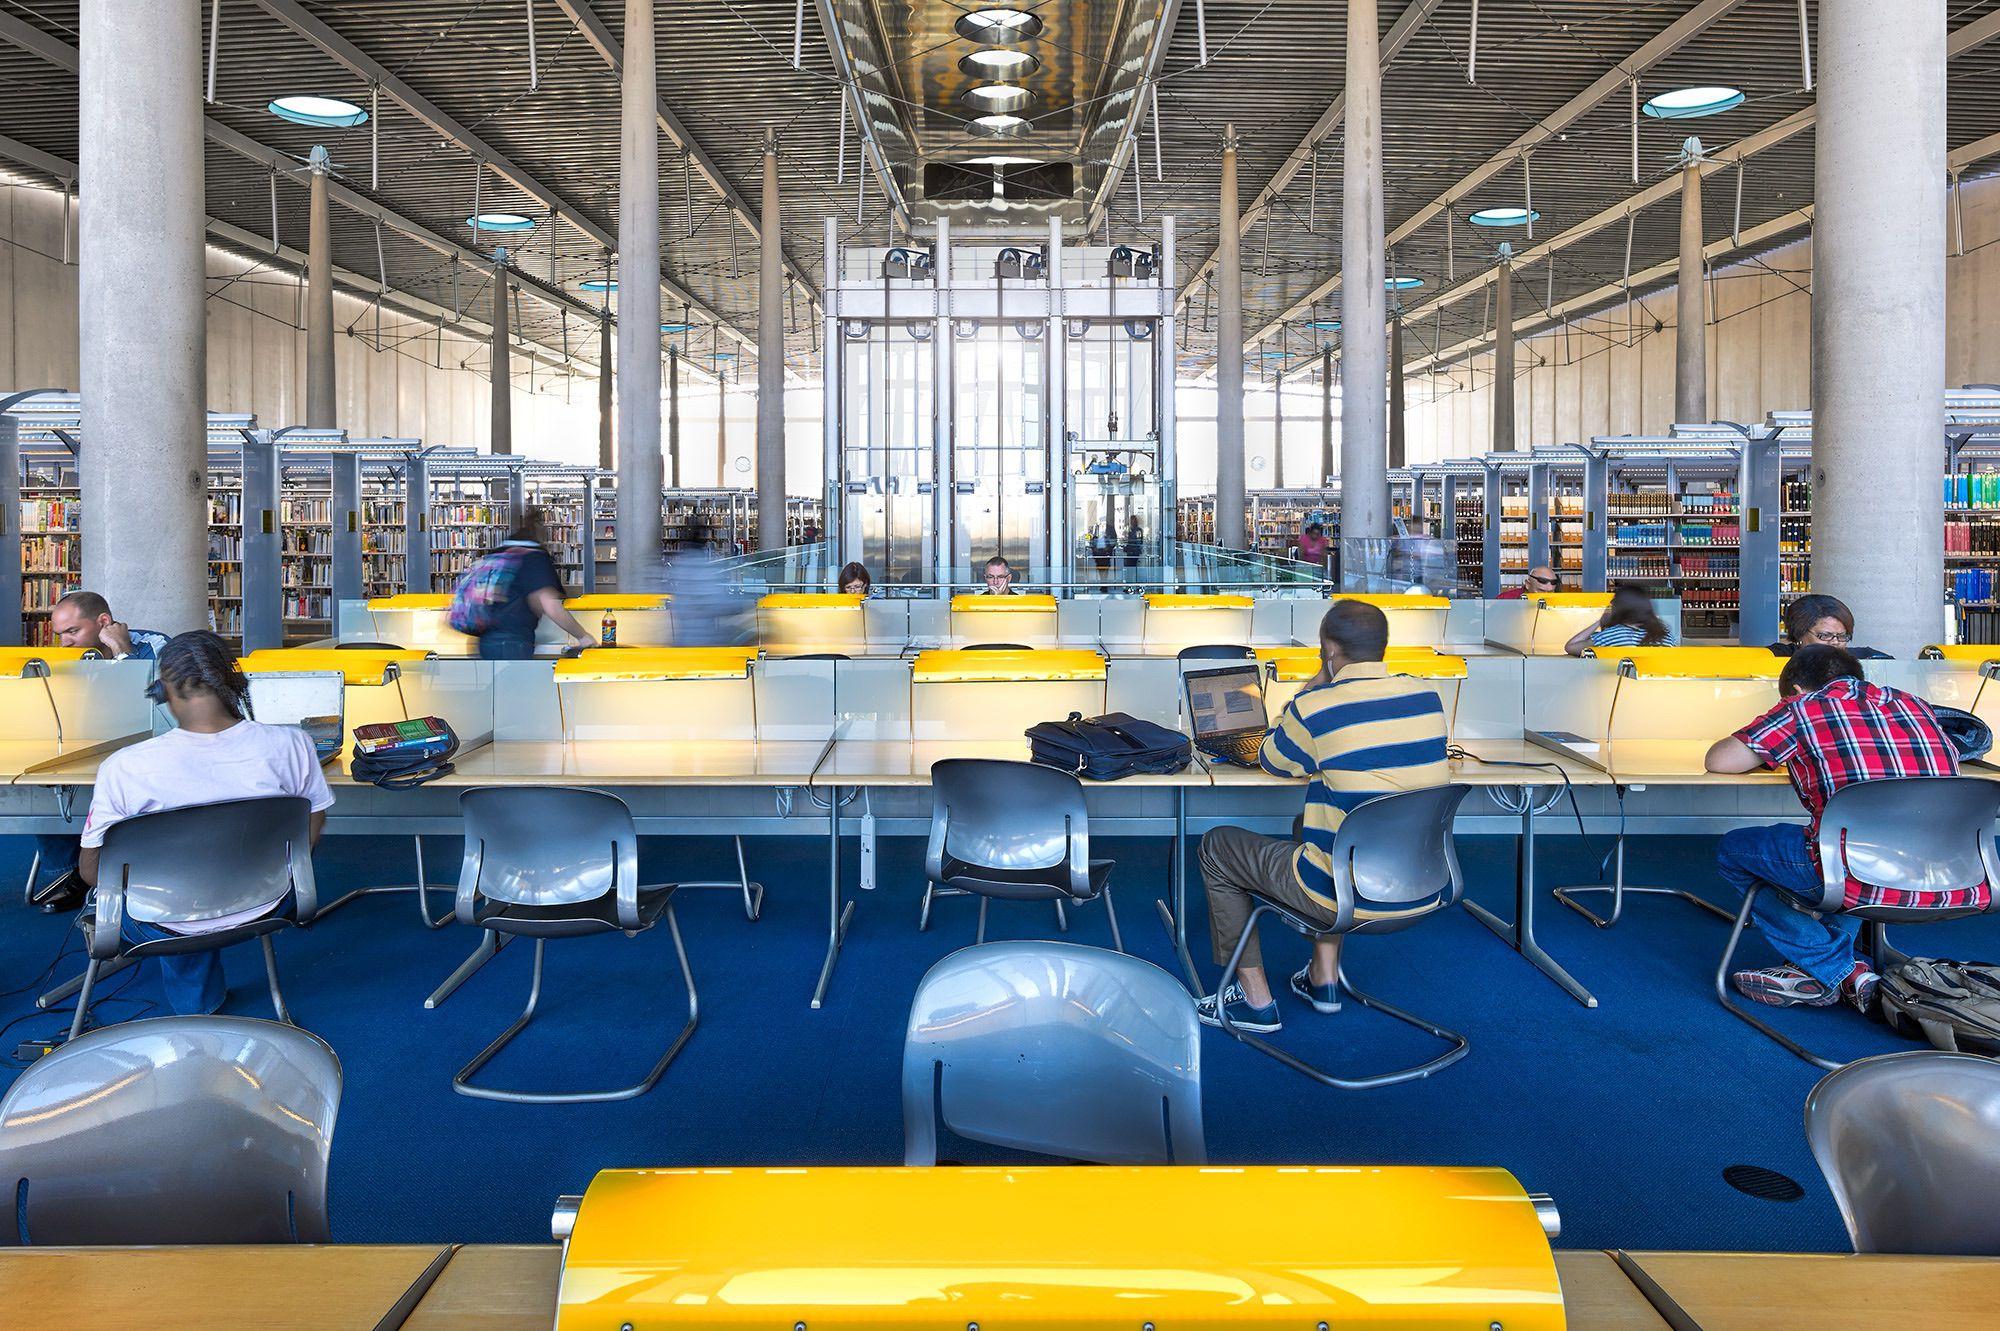 Zatoka The Library